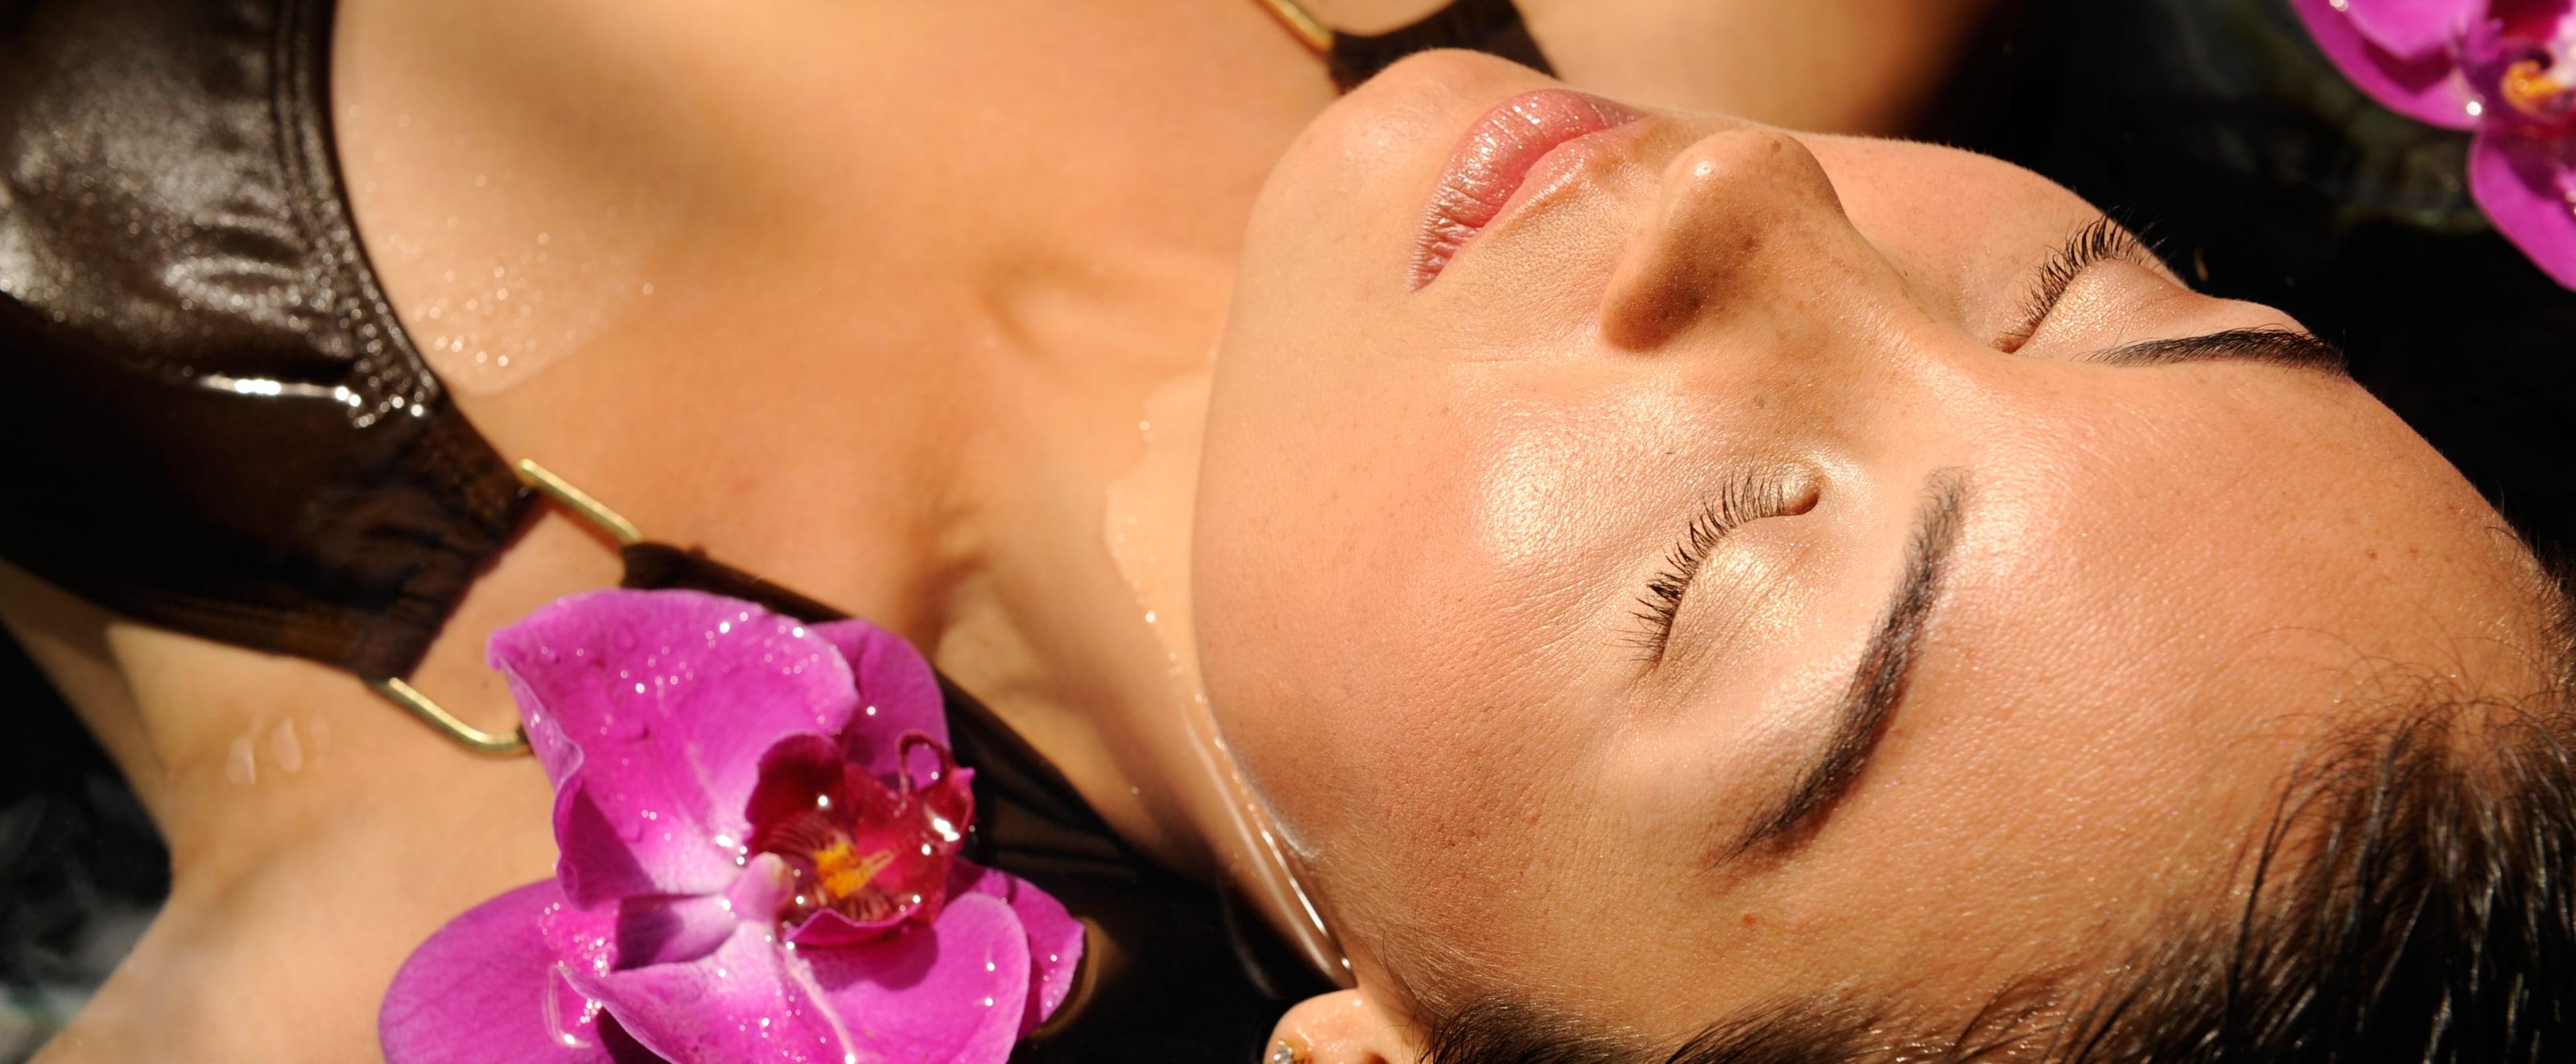 水の中で目を閉じて横たわる女性とその顔のまわりに浮かぶ蘭の花